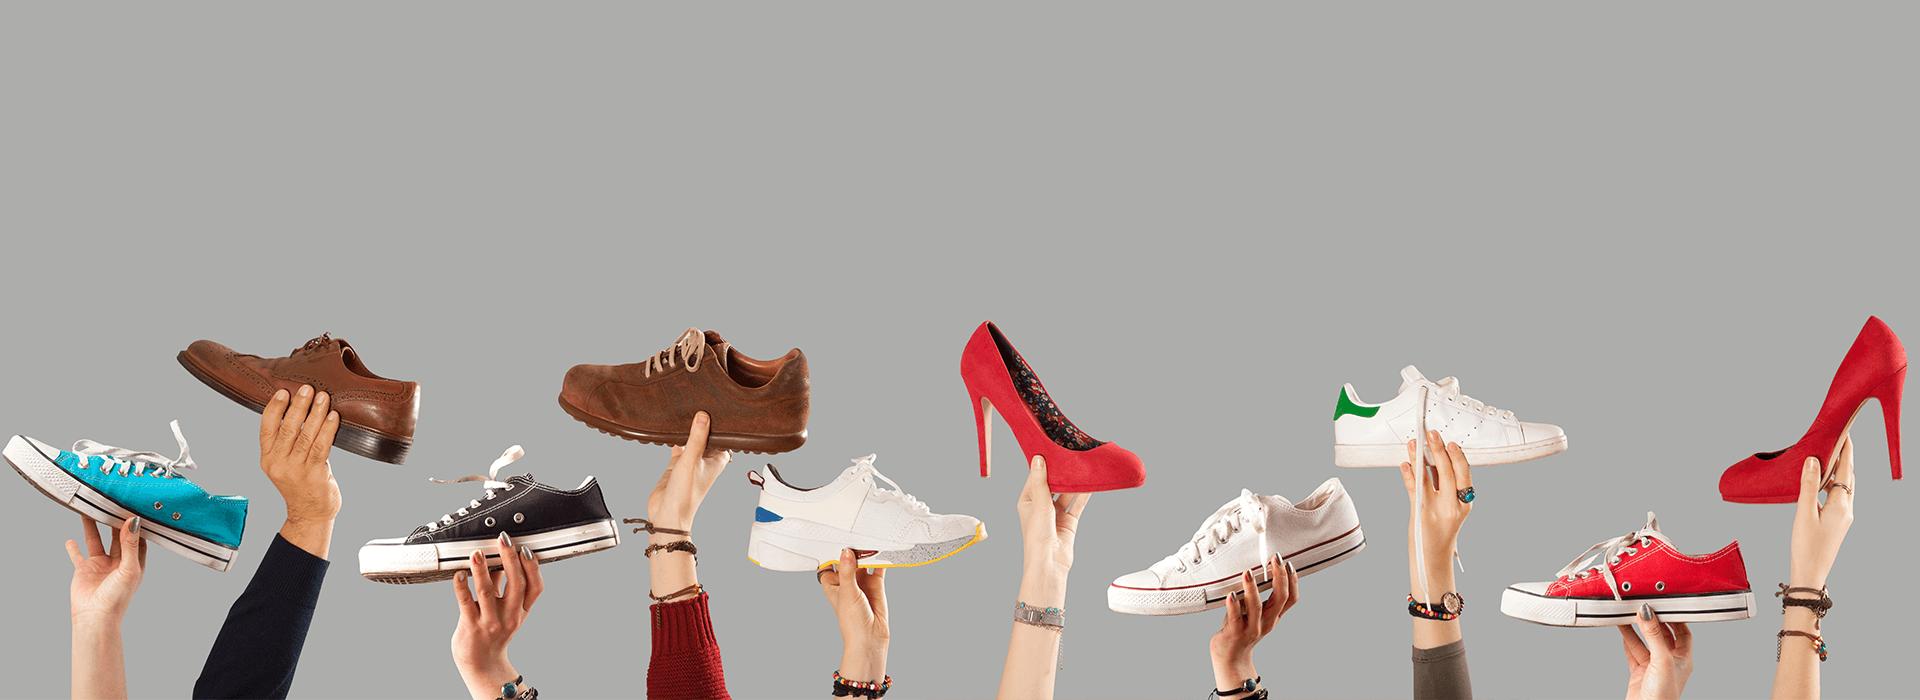 slider-professionnels-chaussures-acceuil-boutique-de-chaussures-Hannut